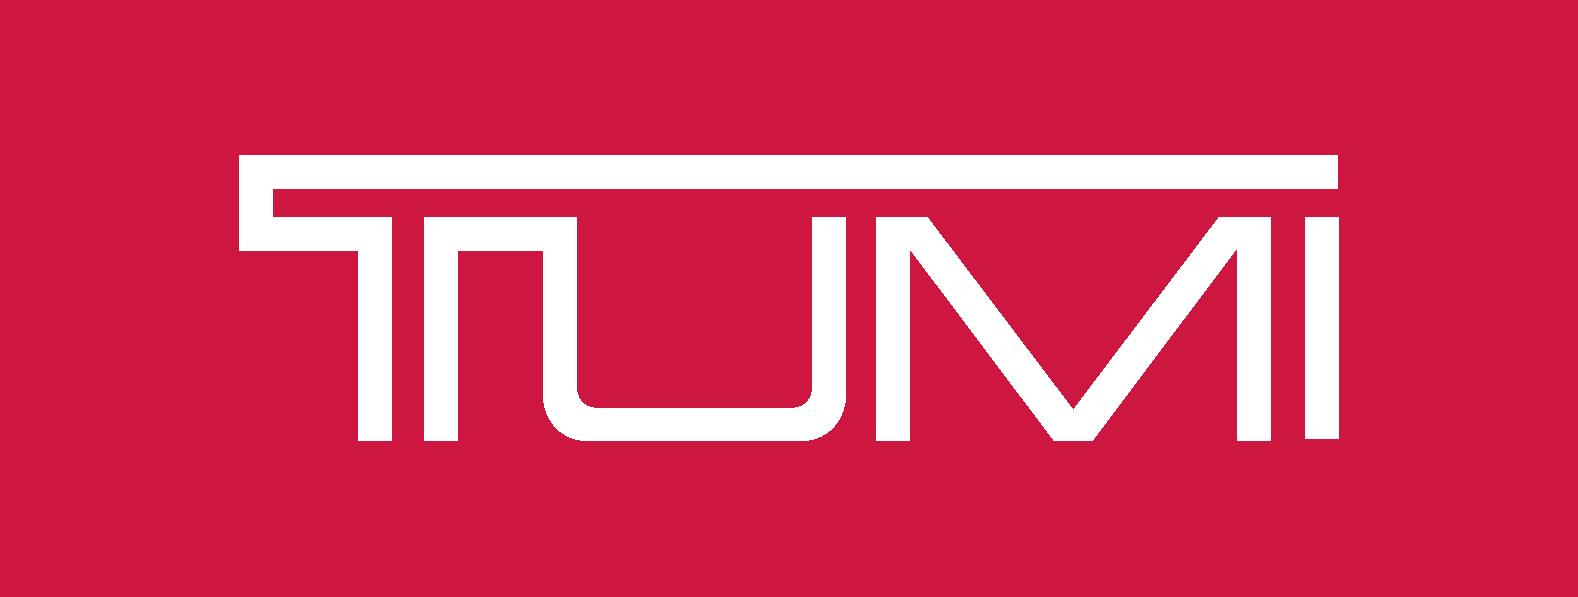 Tumi Logo png